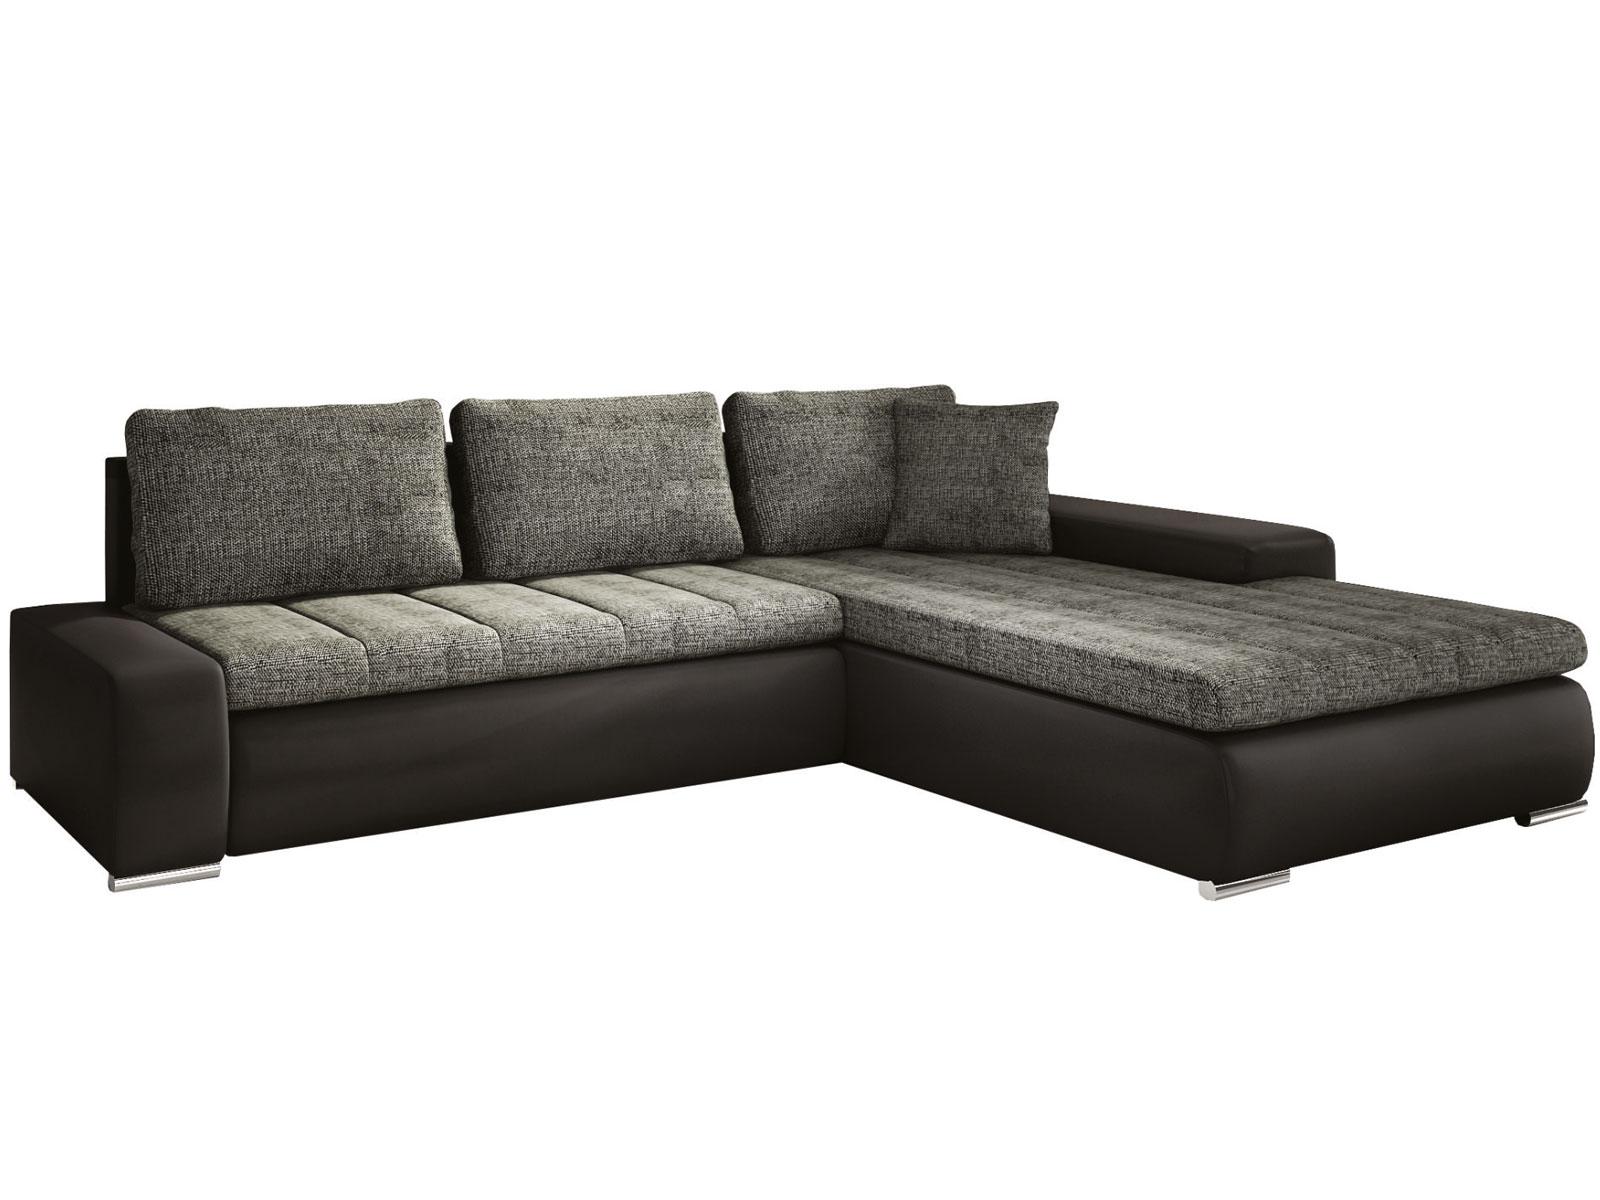 Rohová sedací souprava - Famm - Tivano tmavě šedá + koženka černá (P)